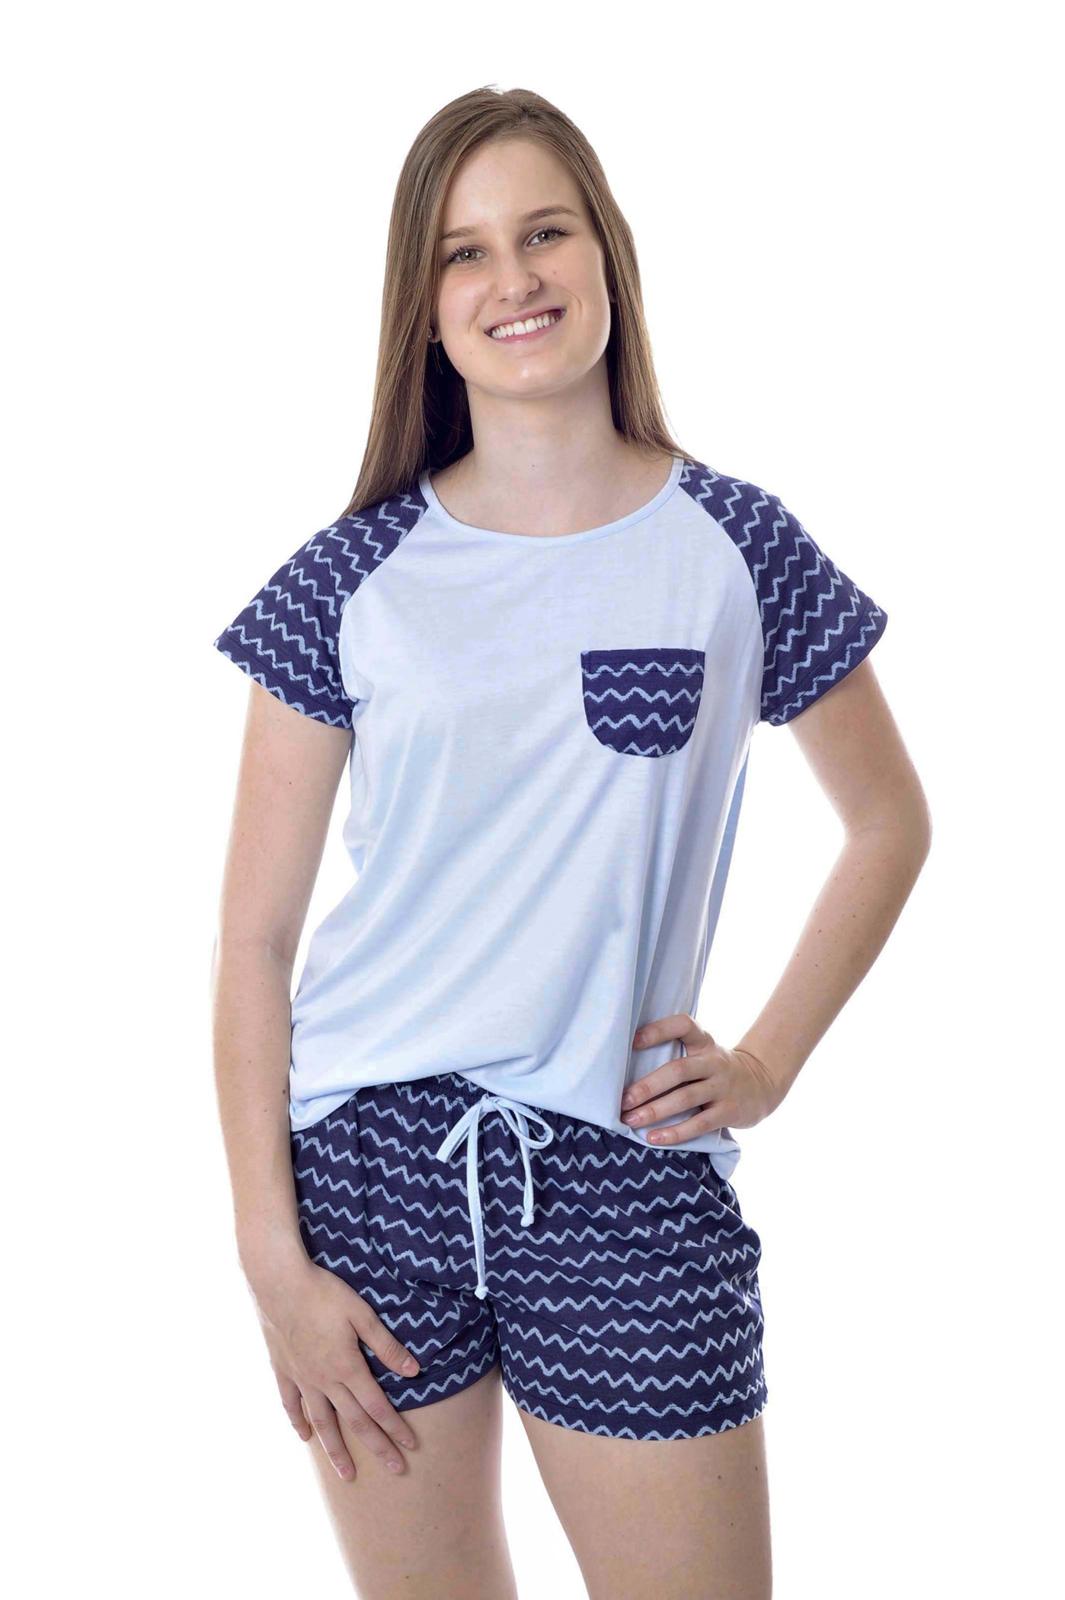 ee3a20c85 Pijama Feminino Curto Estampado Adulto Short Doll Mania Pijamas Pijama  Feminino